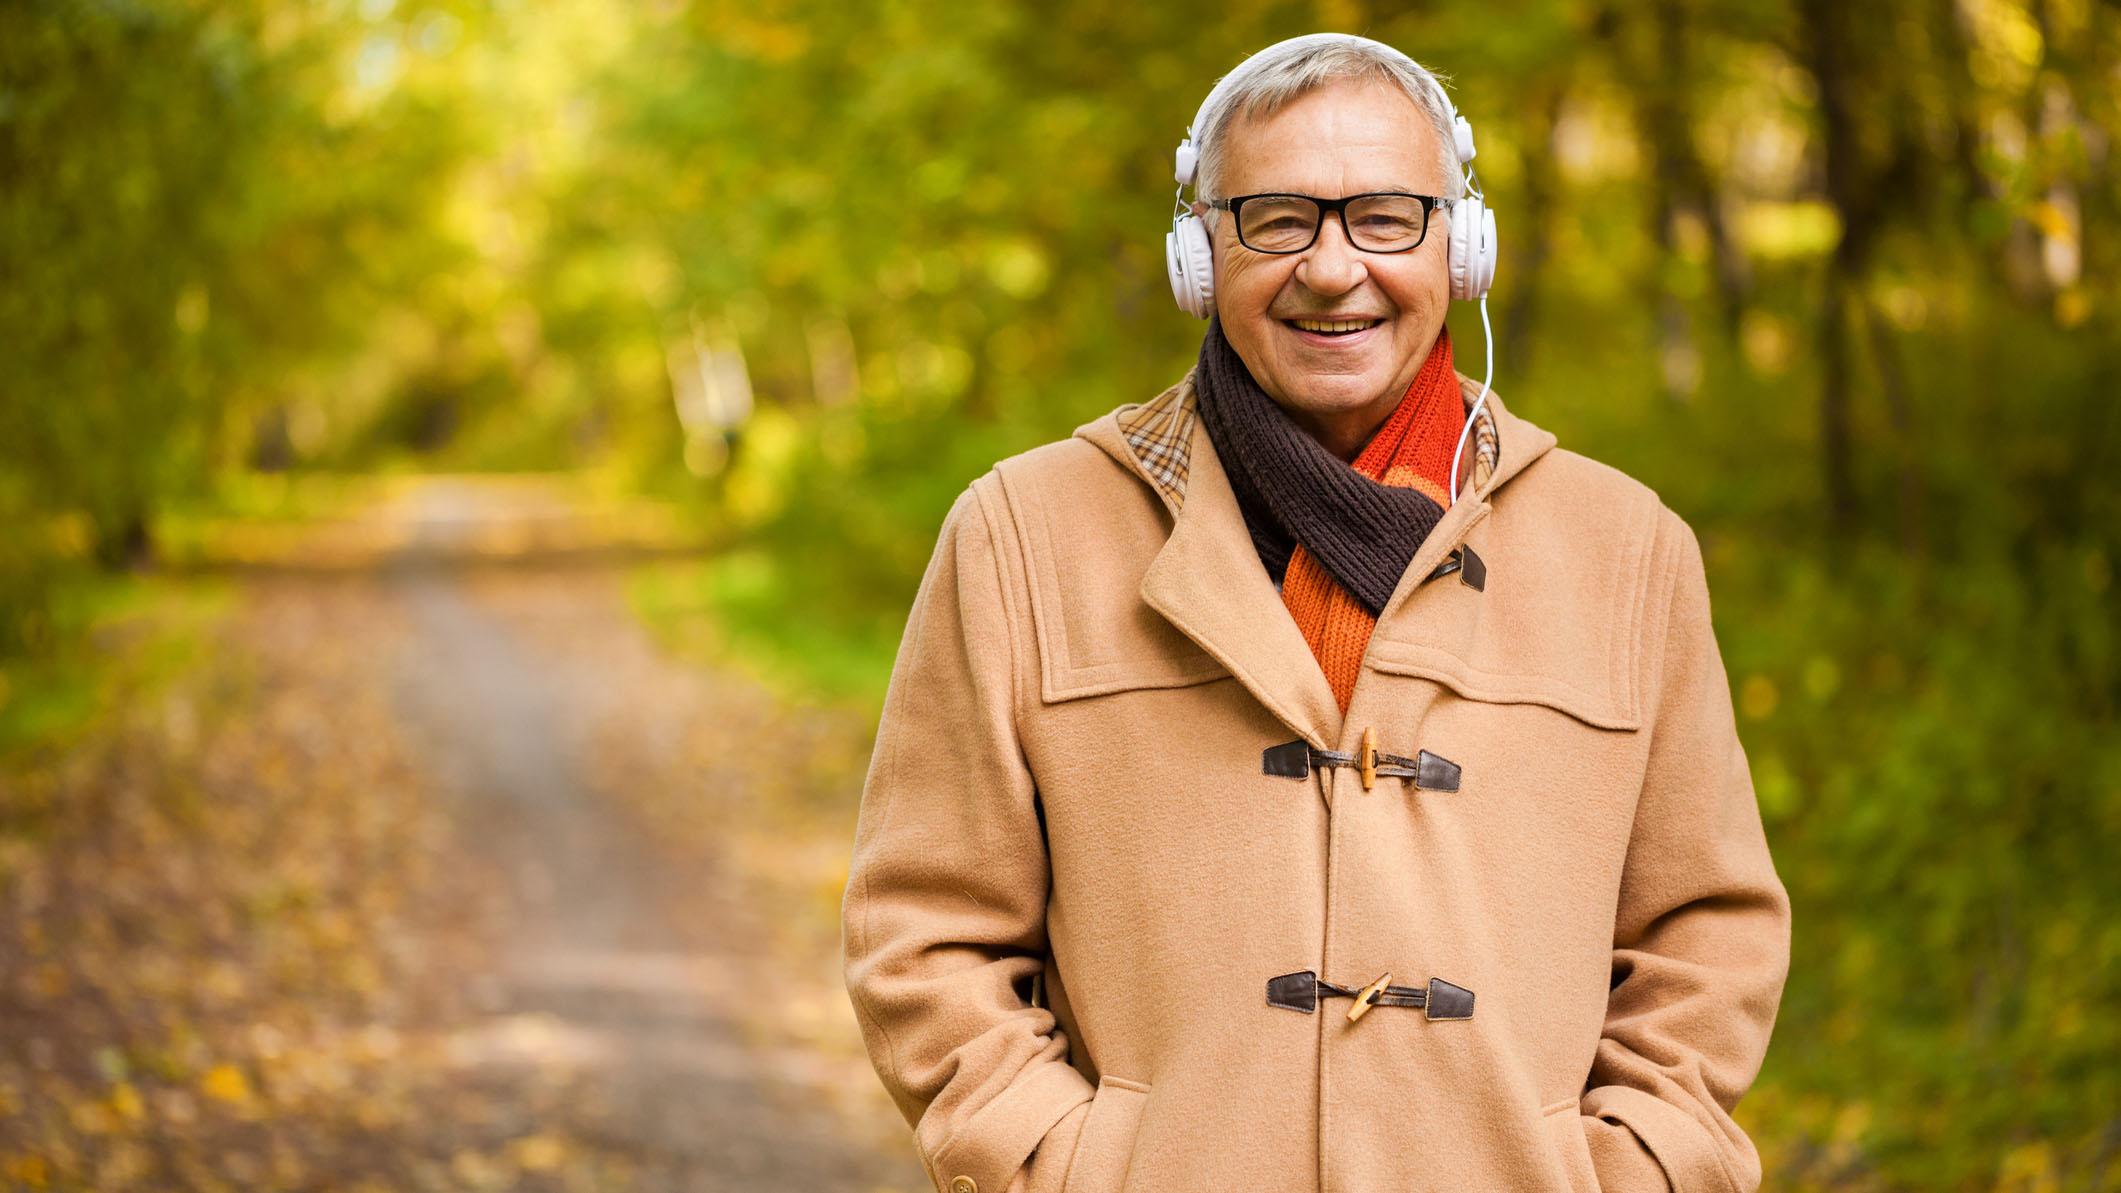 Mann mit Kopfhörern im Wald